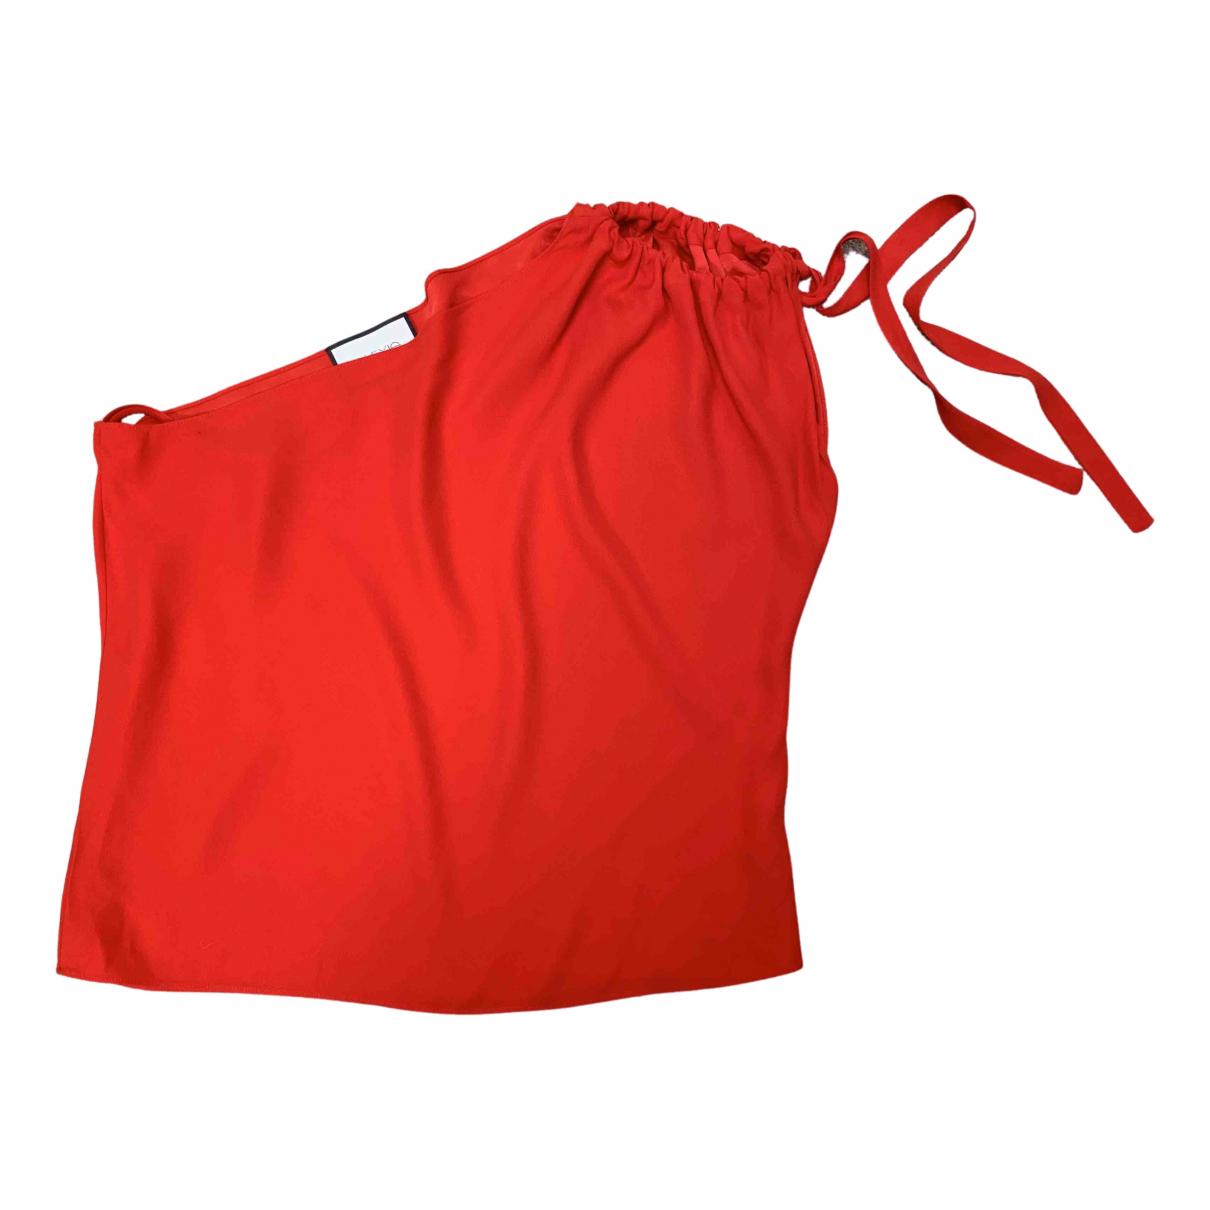 Alexis - Top   pour femme - rouge